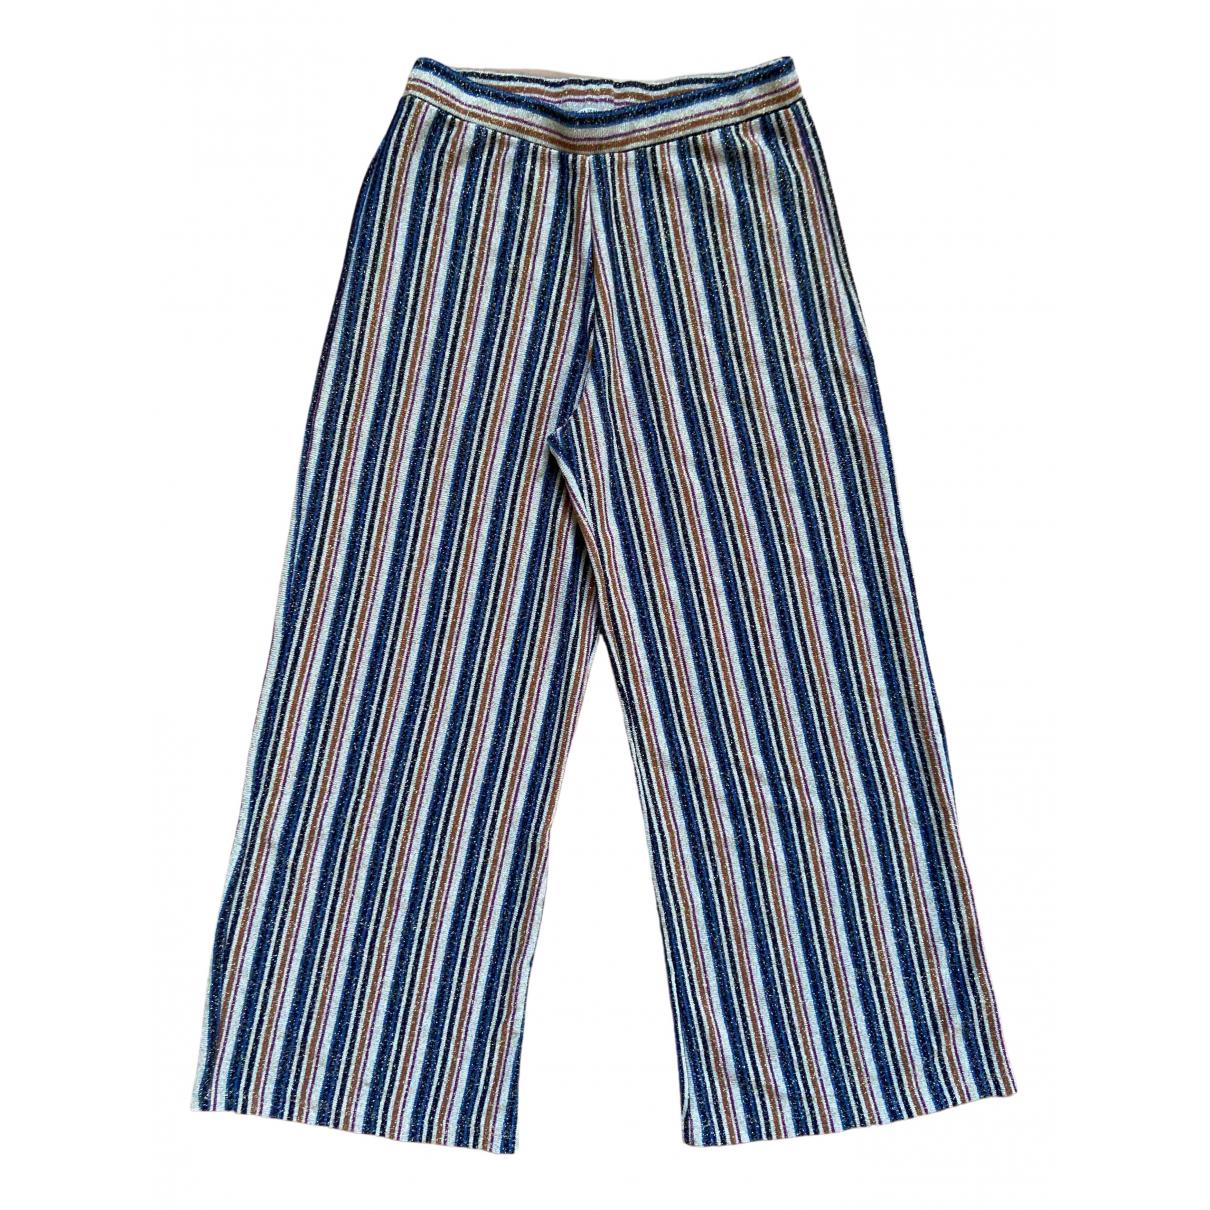 Zara \N Beige Spandex Trousers for Women S International